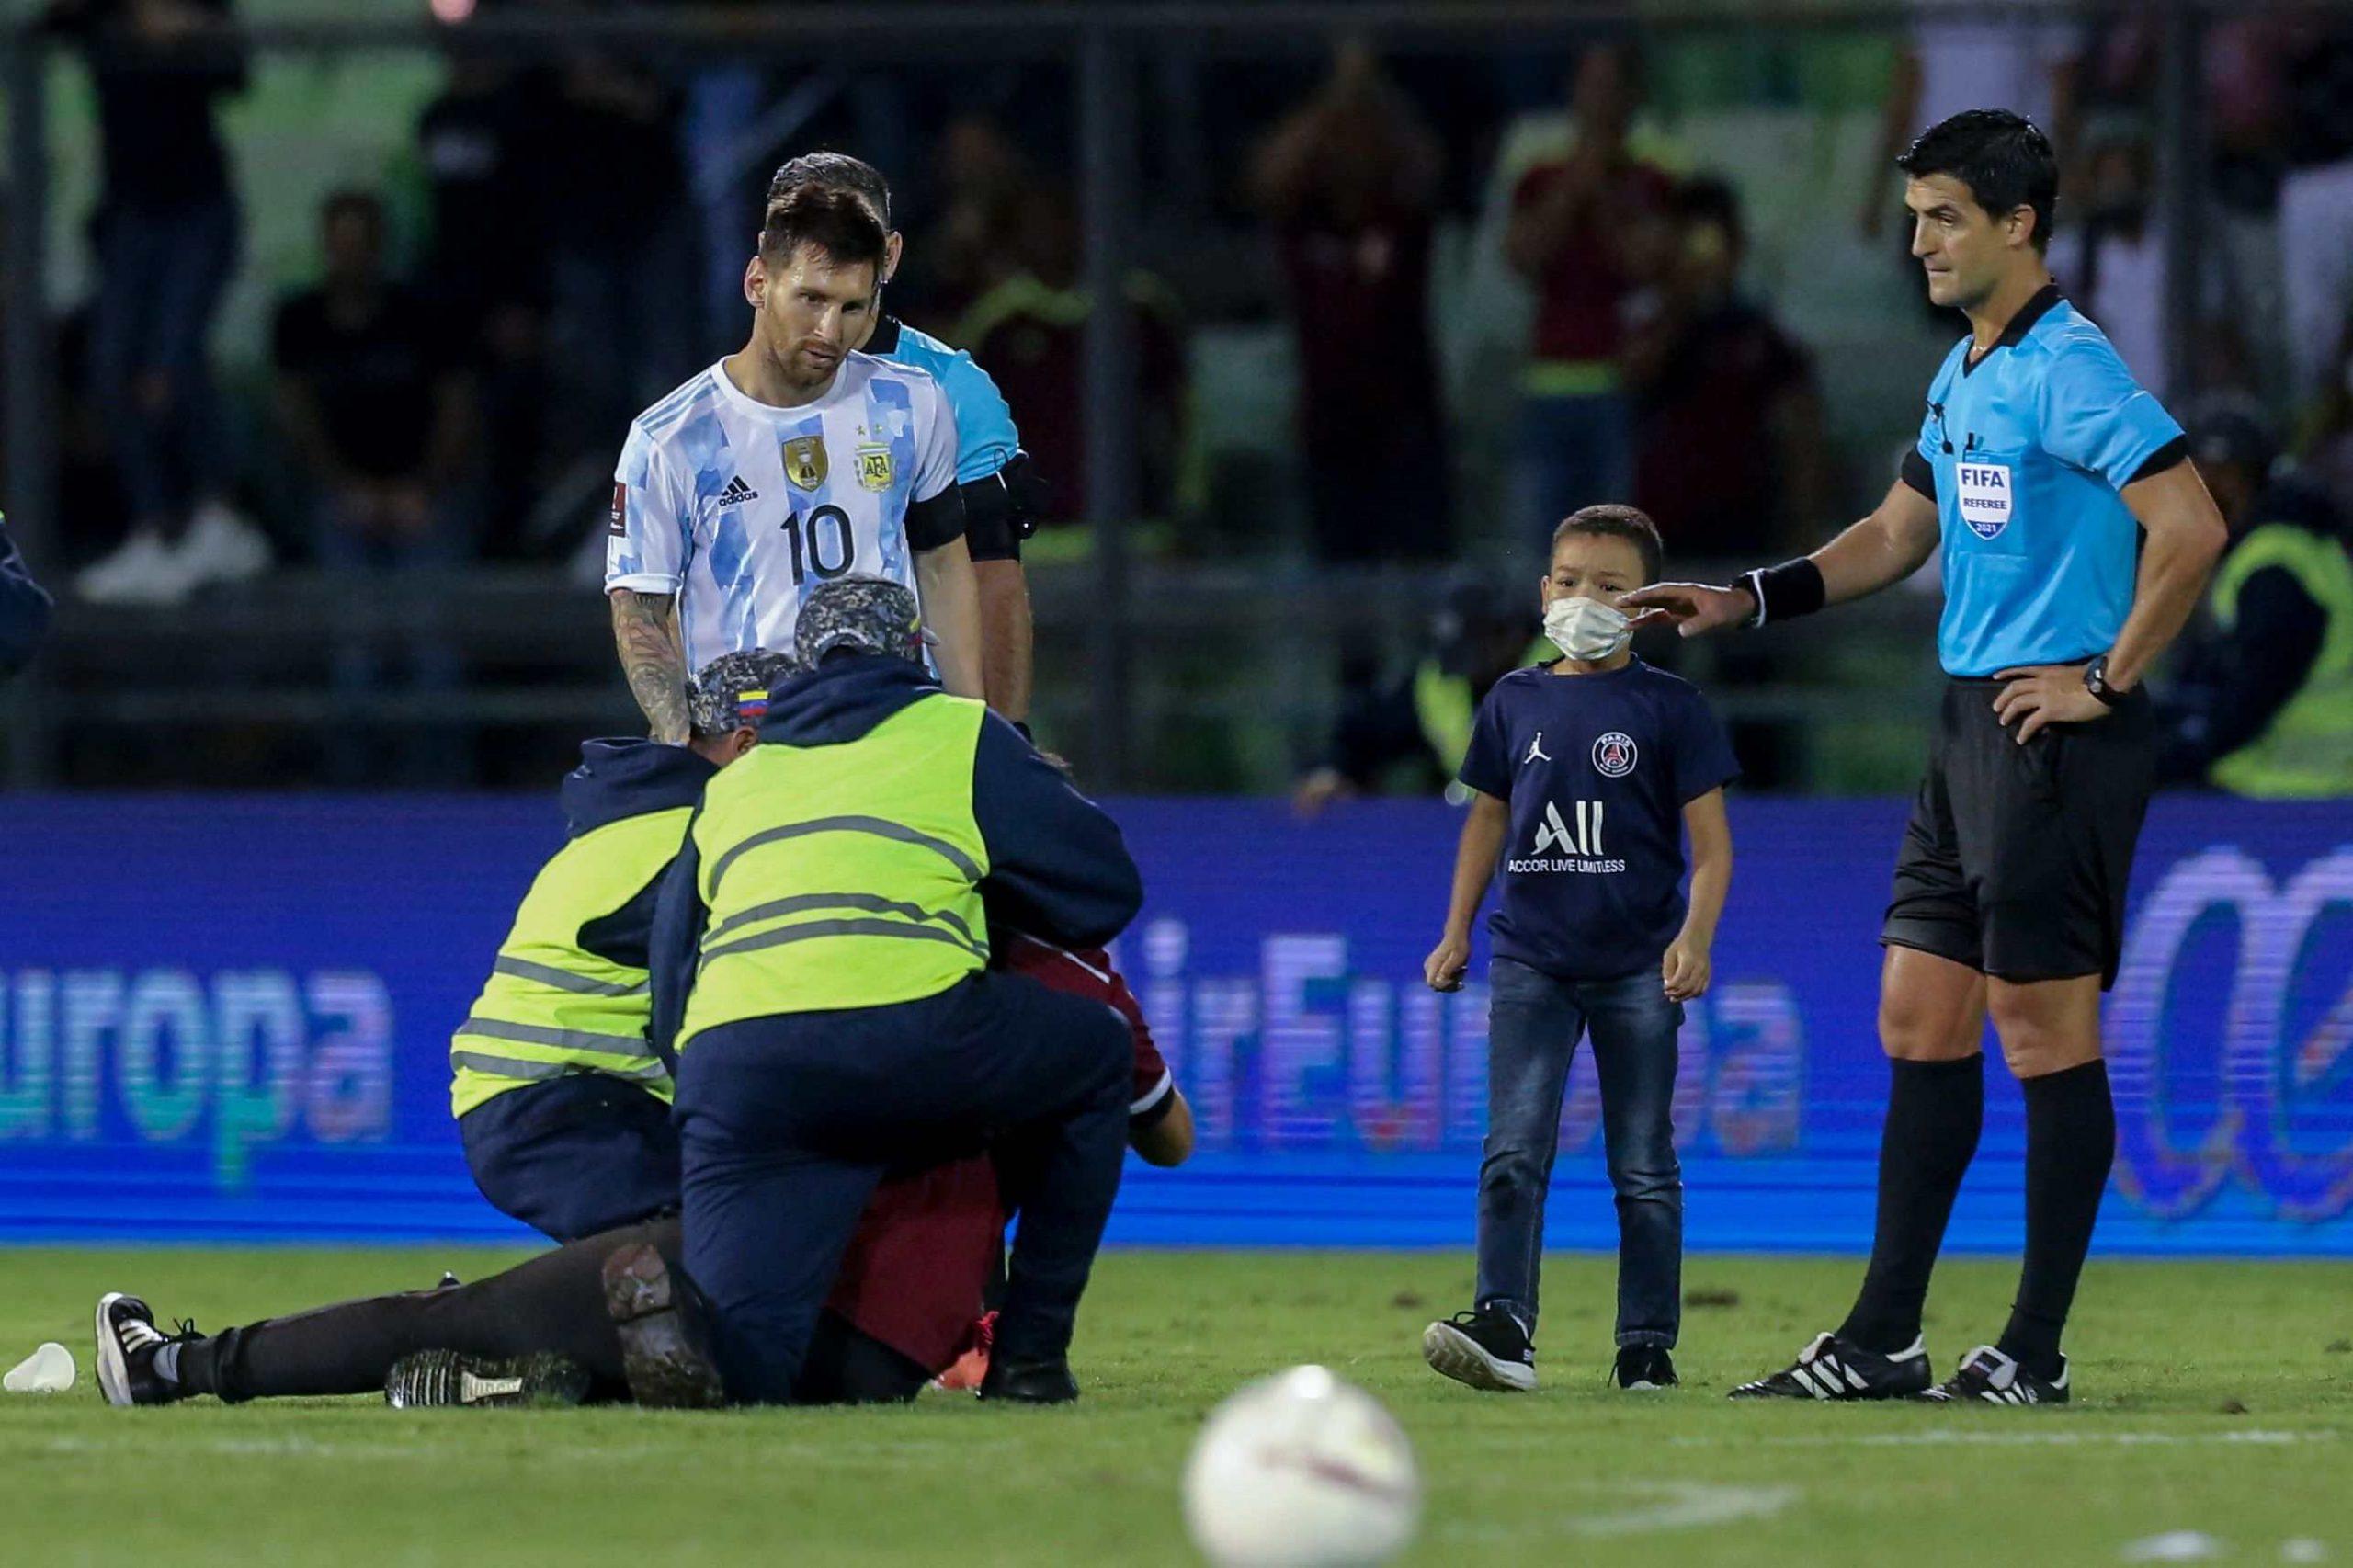 El conmovedor momento un niño venezolano, vestido con la camiseta del PSG, se ríe de la seguridad y logra besar a Leo Messi - Prensa Libre